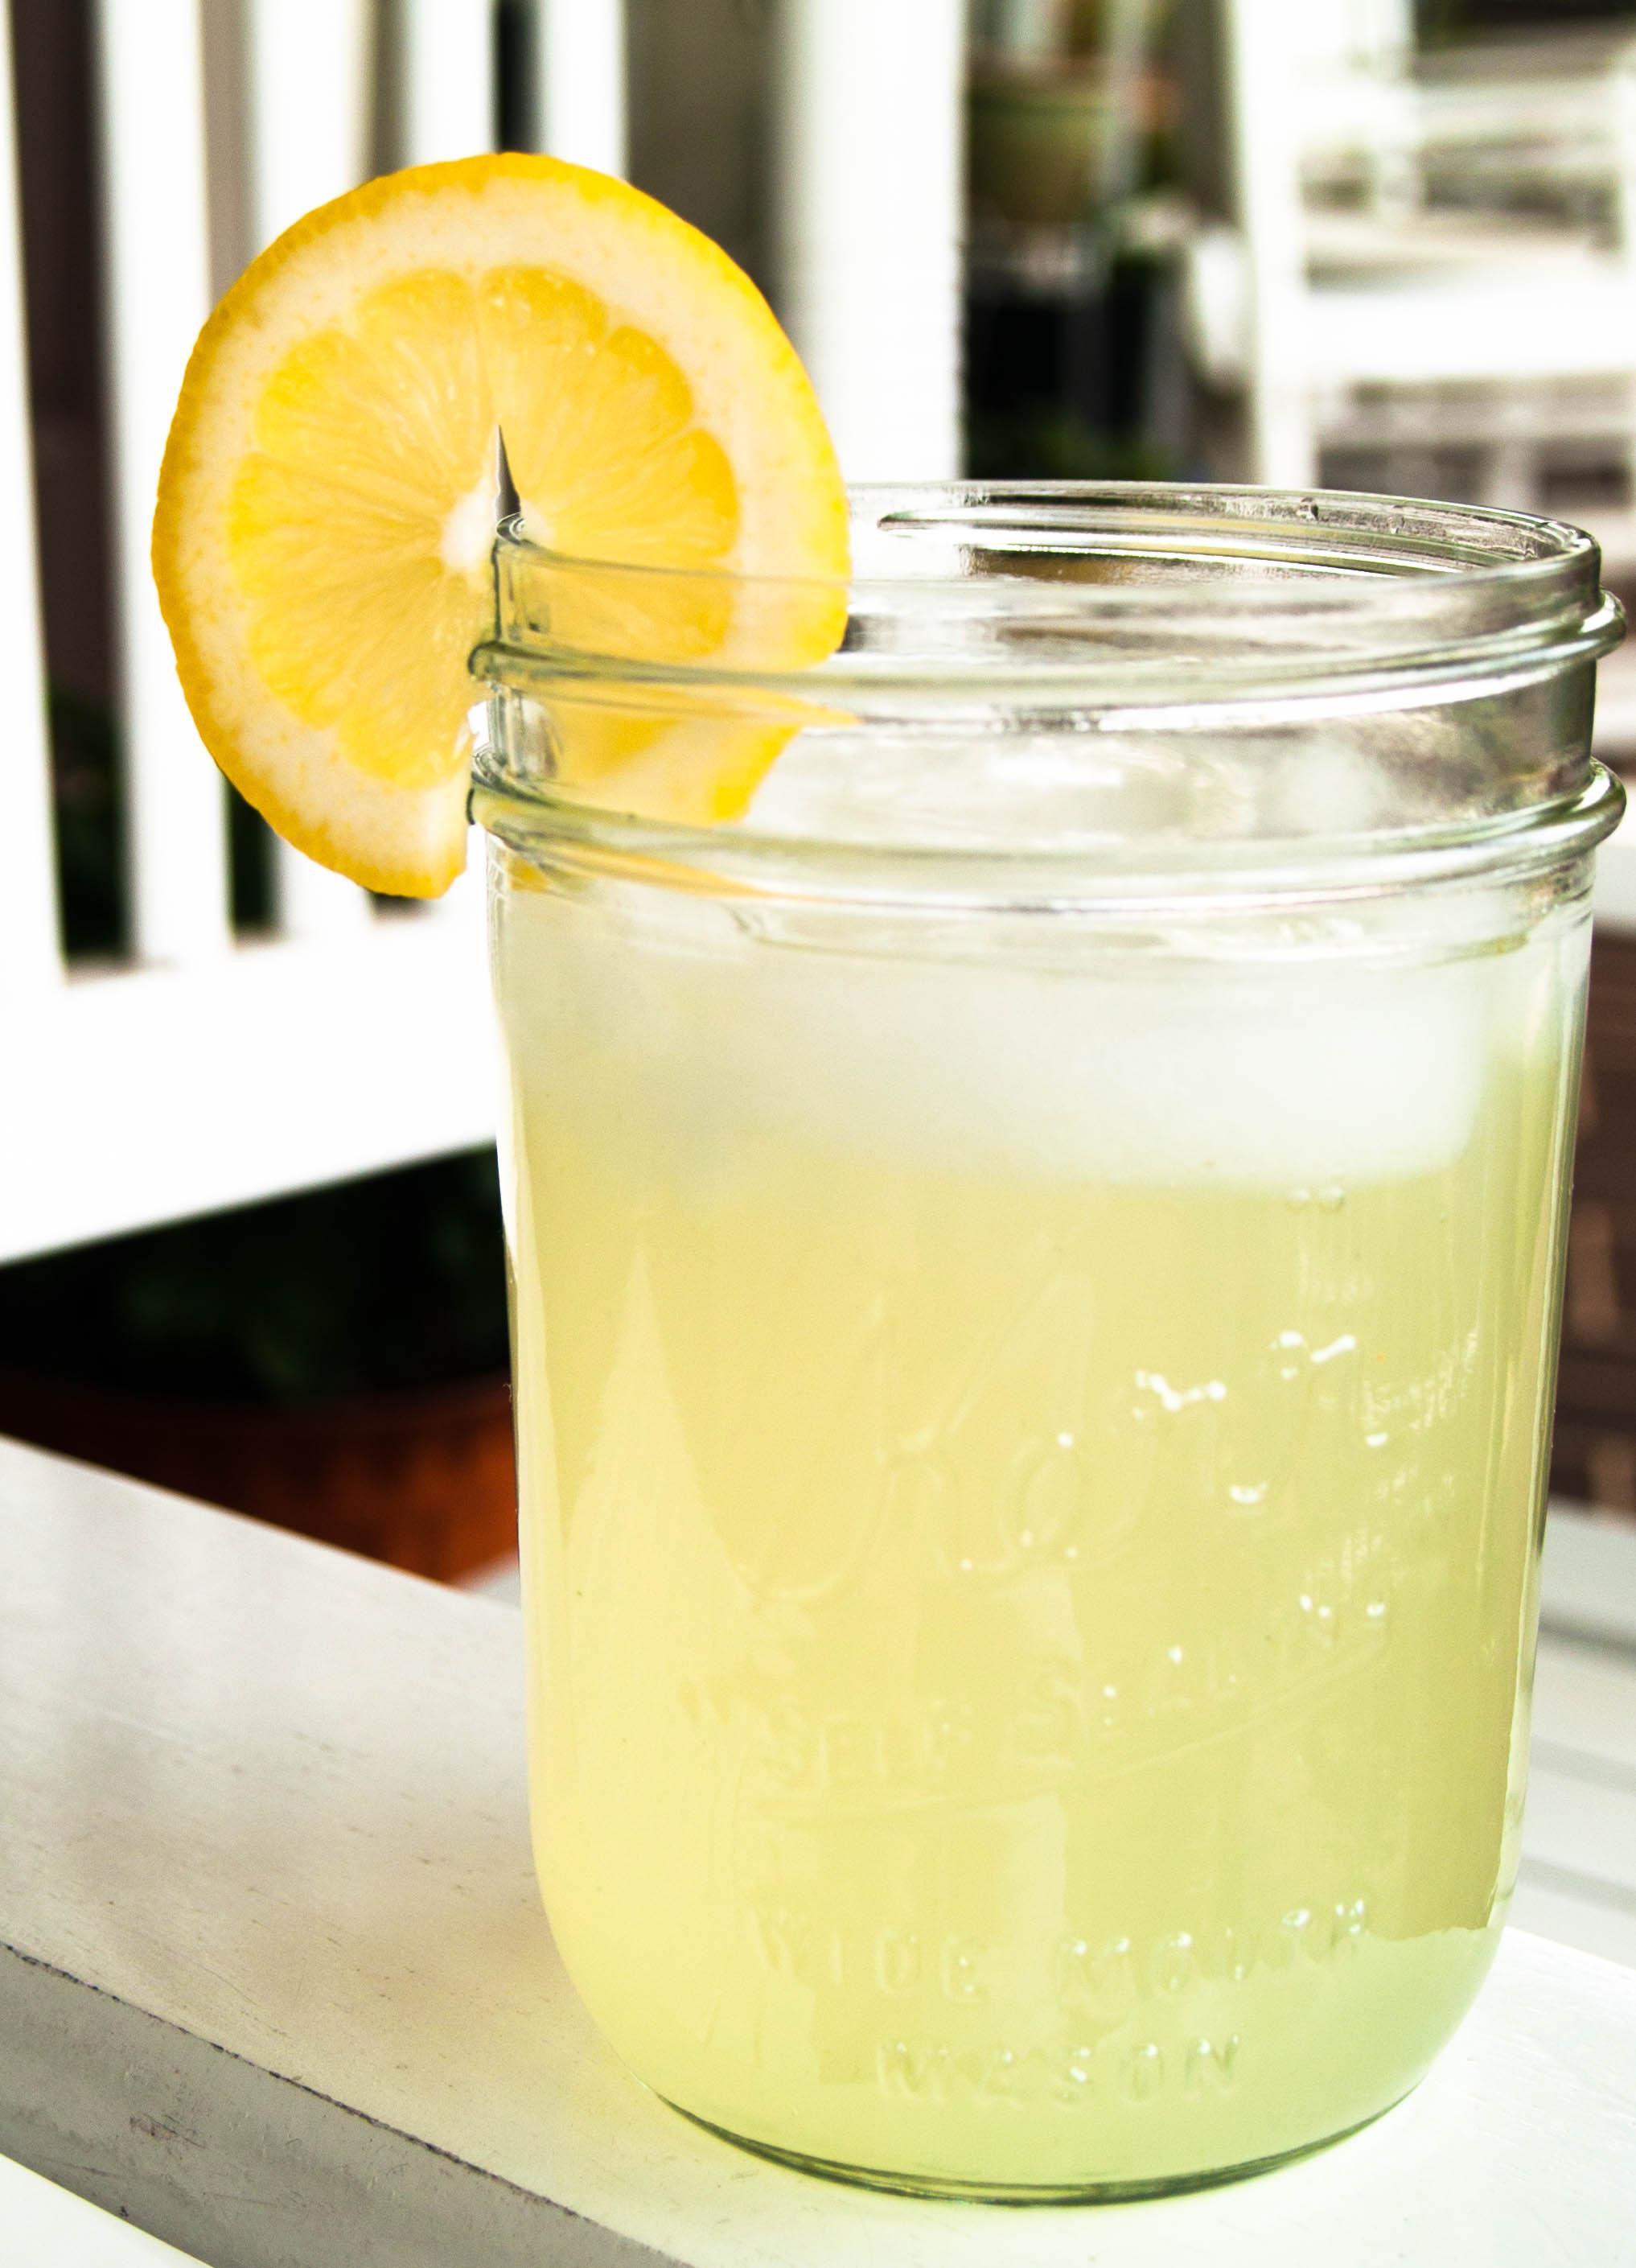 Ten Dollar Lemonade